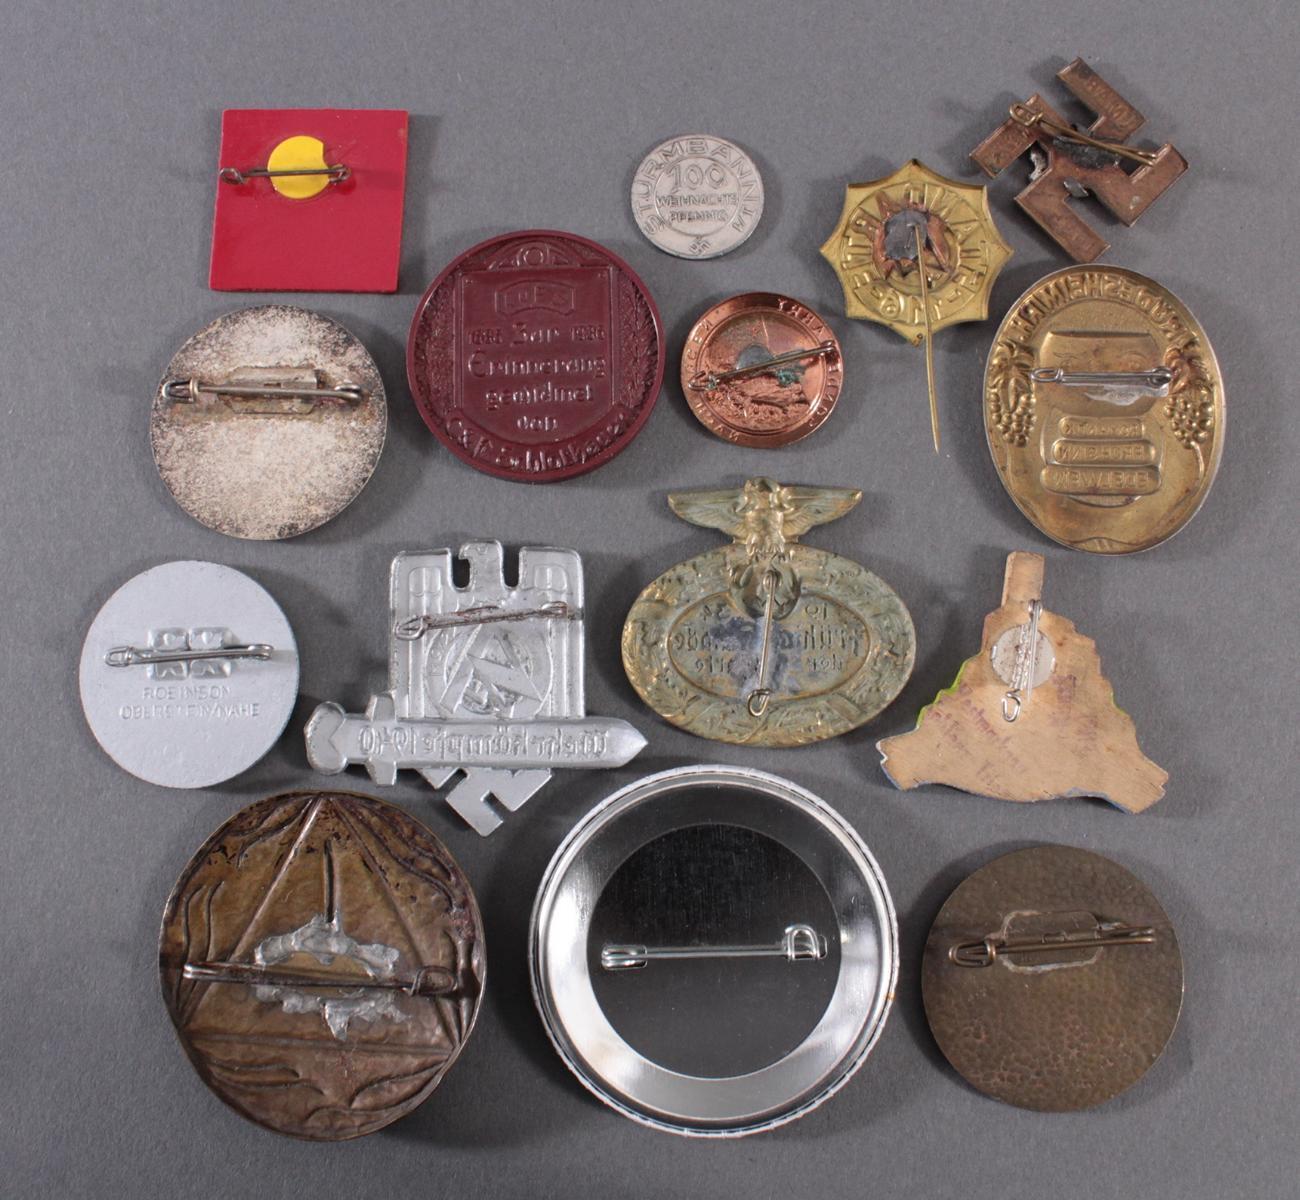 Sammlung Mitglieds- und Veranstaltungsabzeichen Rübeland Saar, 15 Stück-2